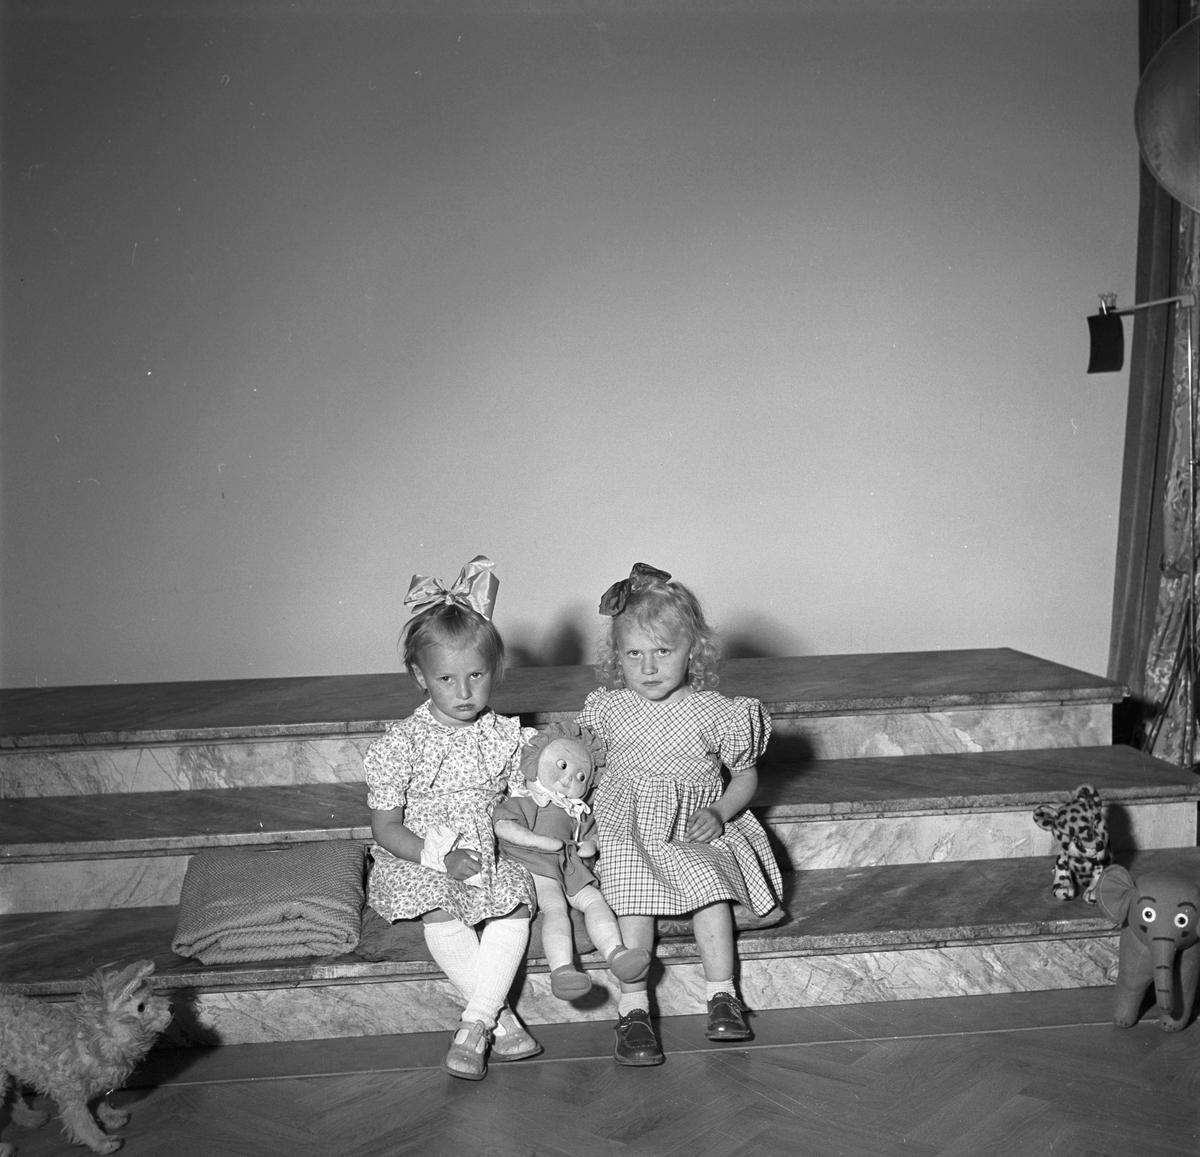 Barn som ska få tillbringa sommaren på Rörbergs koloni. Reportage för Norrlands-Posten. 19 - 20 maj 1949.